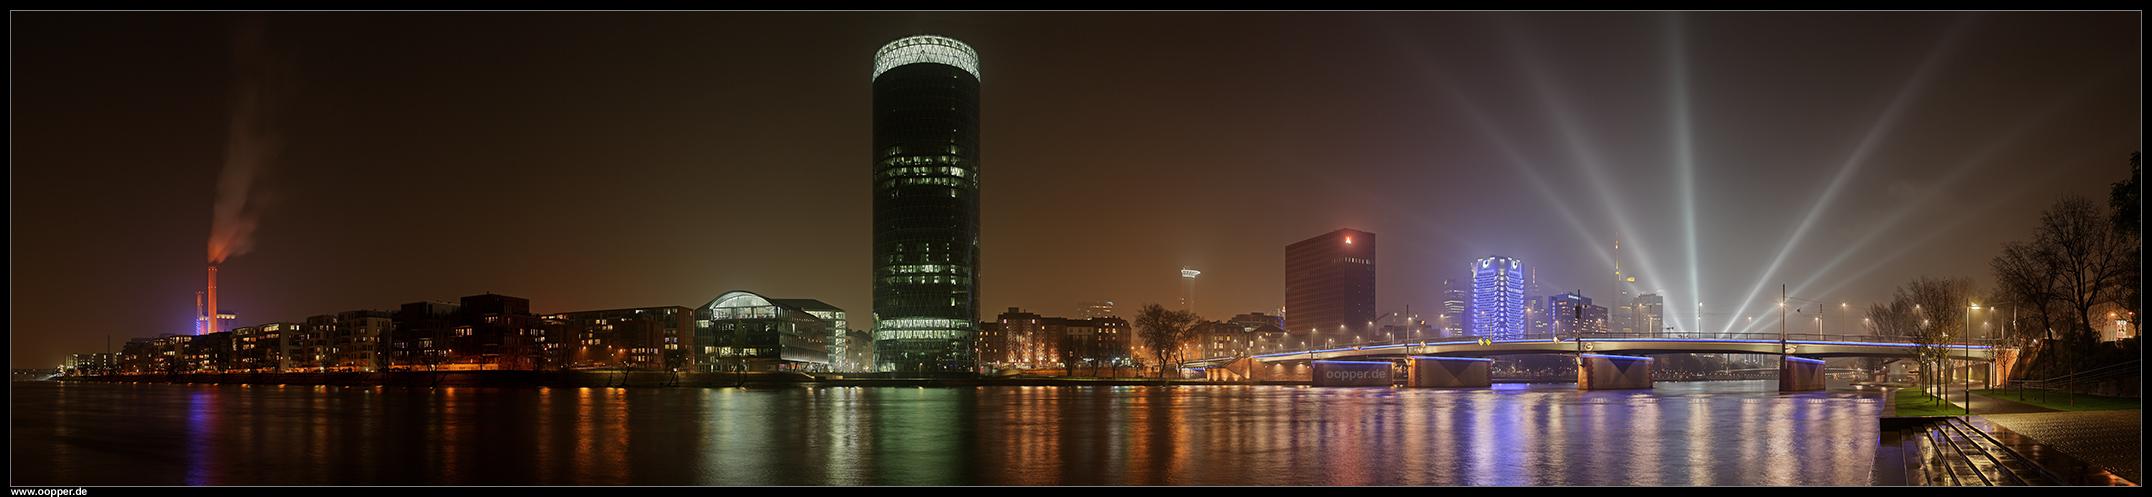 Luminale 08 - Westhafen